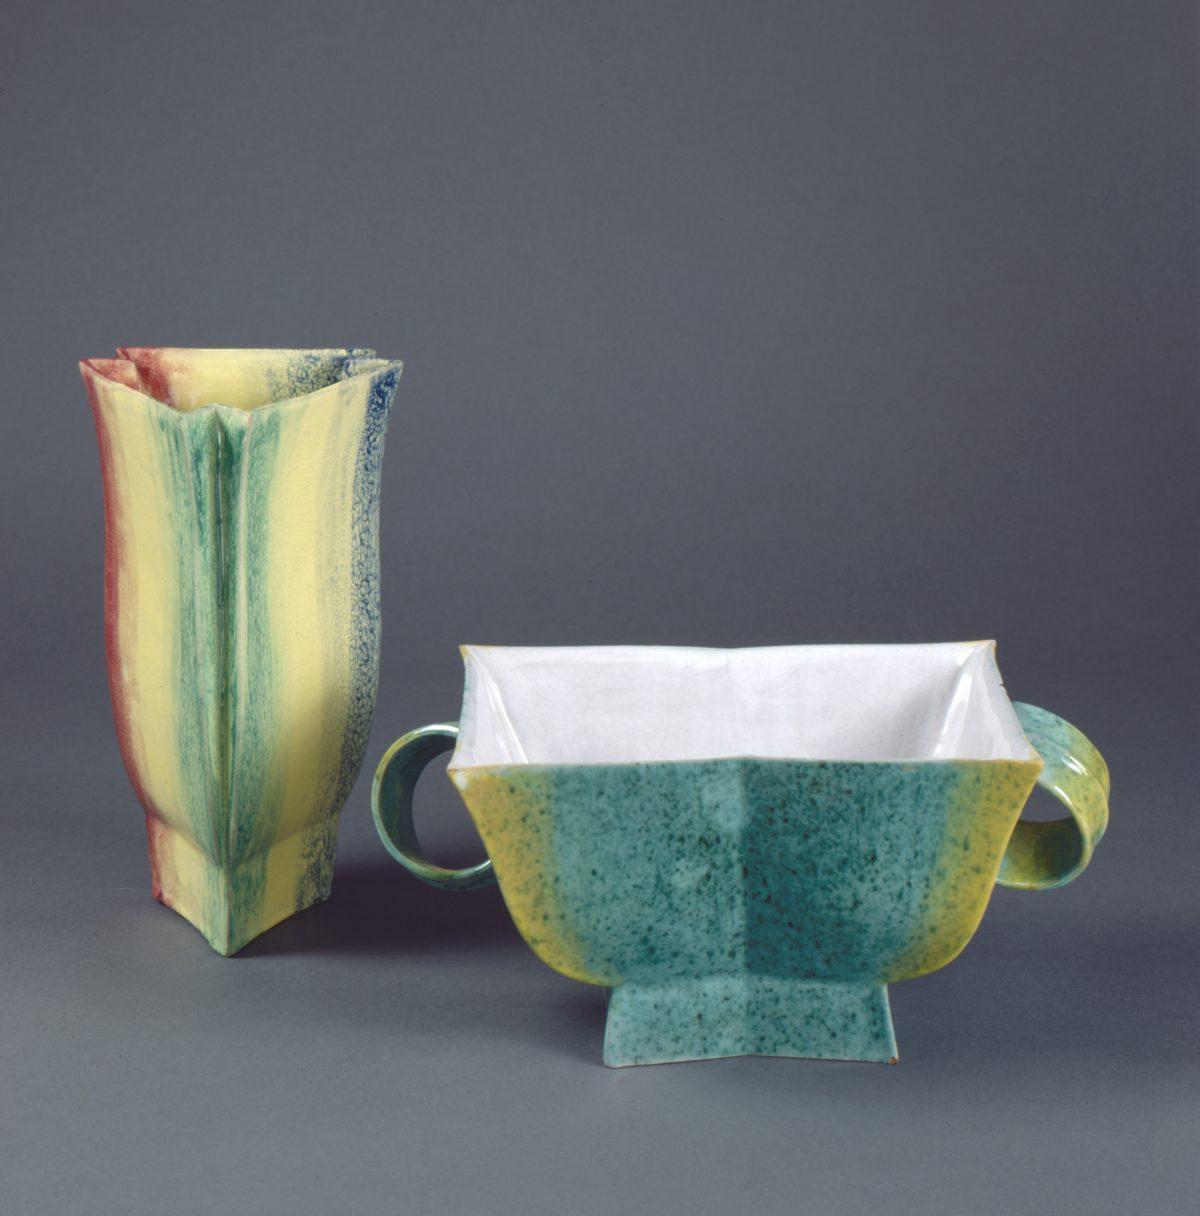 Jesser, Hilda, Vase Modell 868 und Jardinière Modell 872, 1921, Irdenware, glasiert, Herst.: Wiener Werkstätte, Wien, Foto: Die Neue Sammlung — The Design Museum